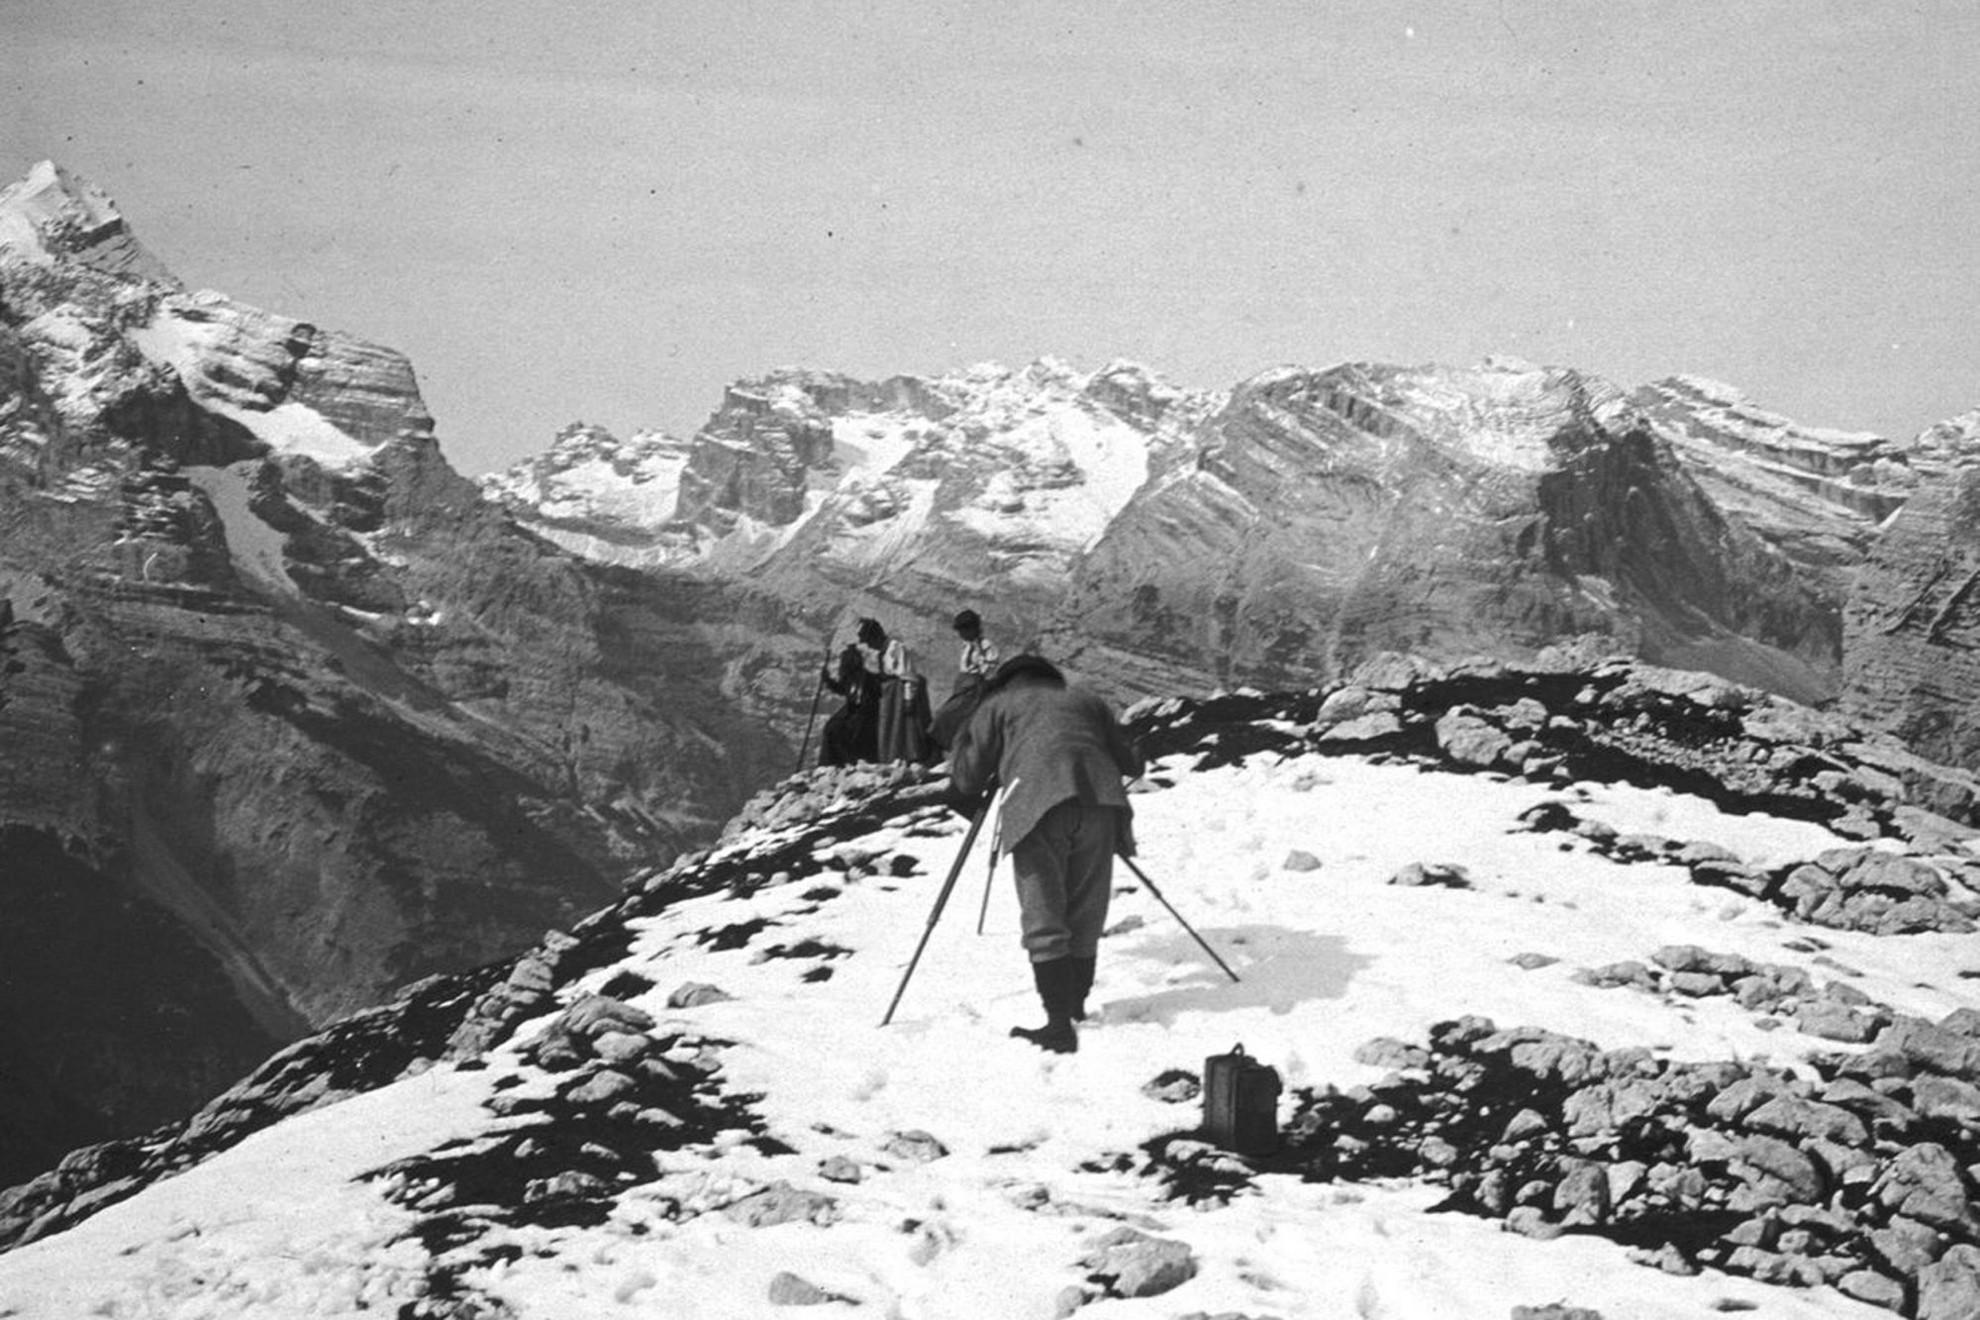 Eötvös Loránd szoknyában hegyet mászó lányait, Rolandát és Ilonát fényképezi